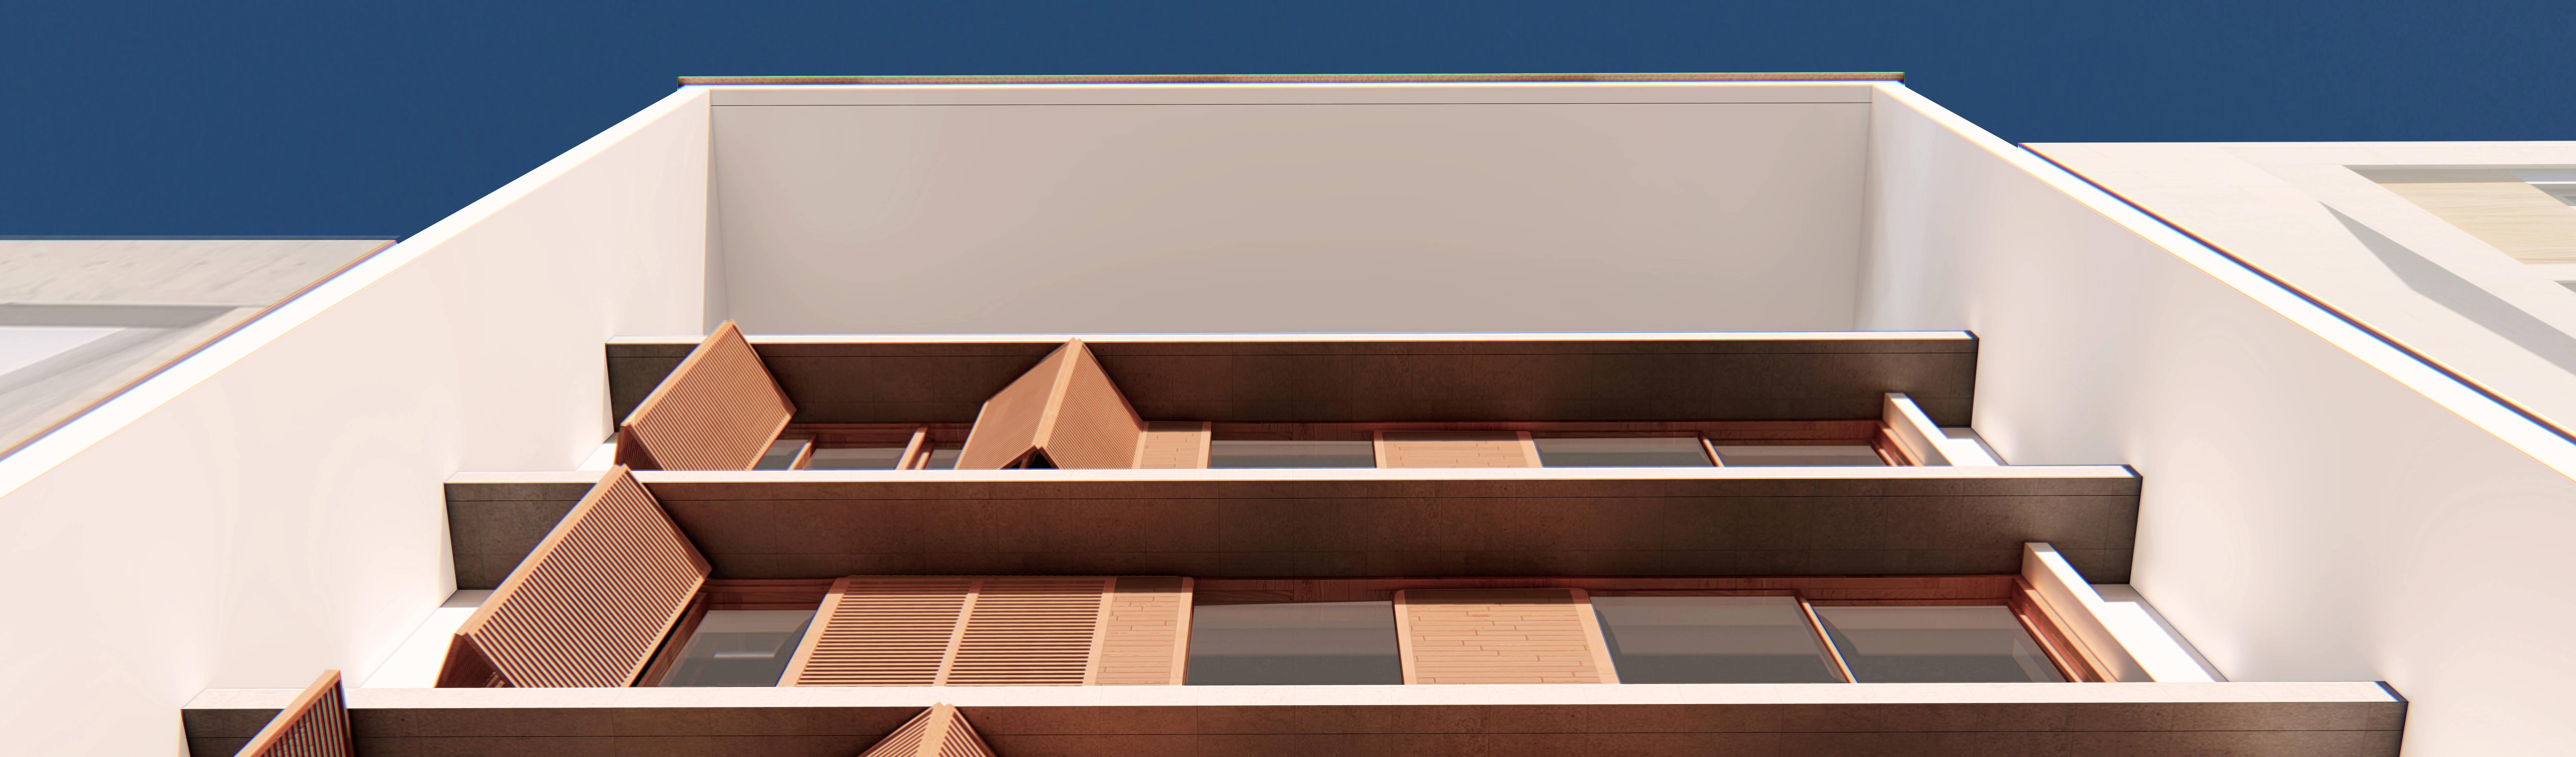 Espacio5 arquitectos